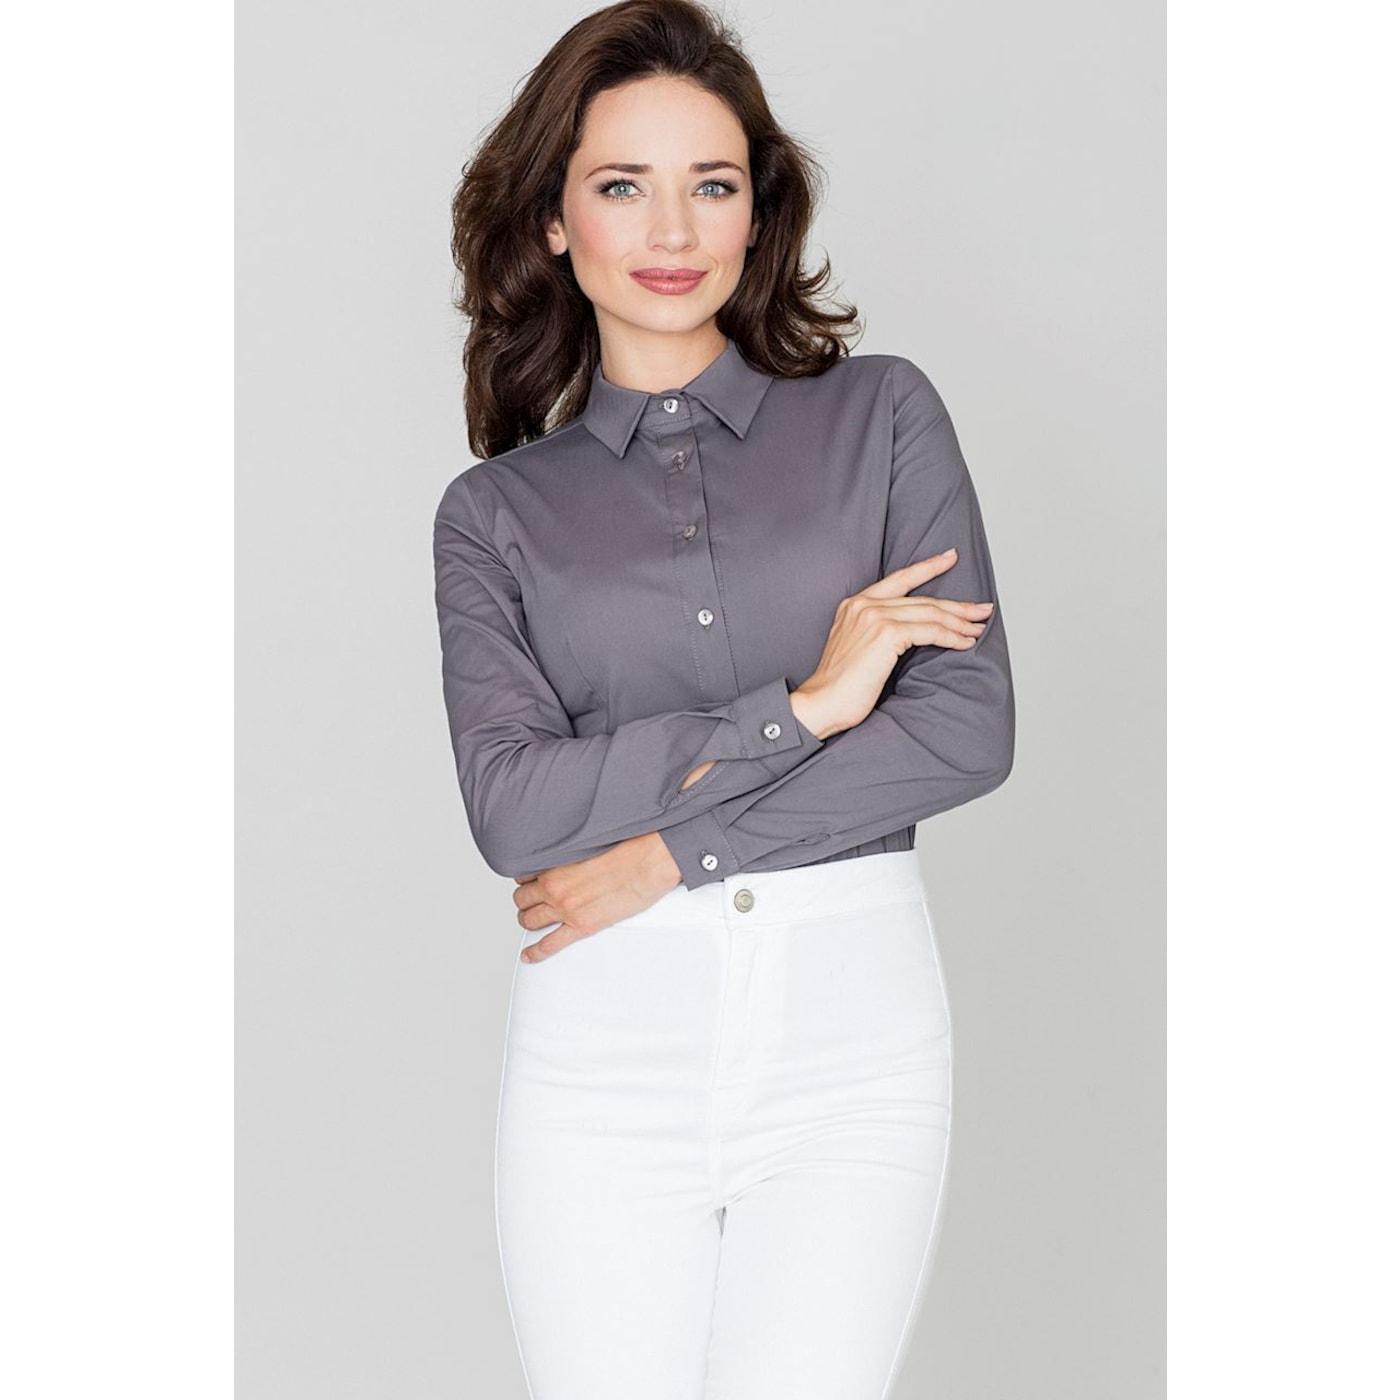 Katrus Womans Shirt K240 dámské Grey XL